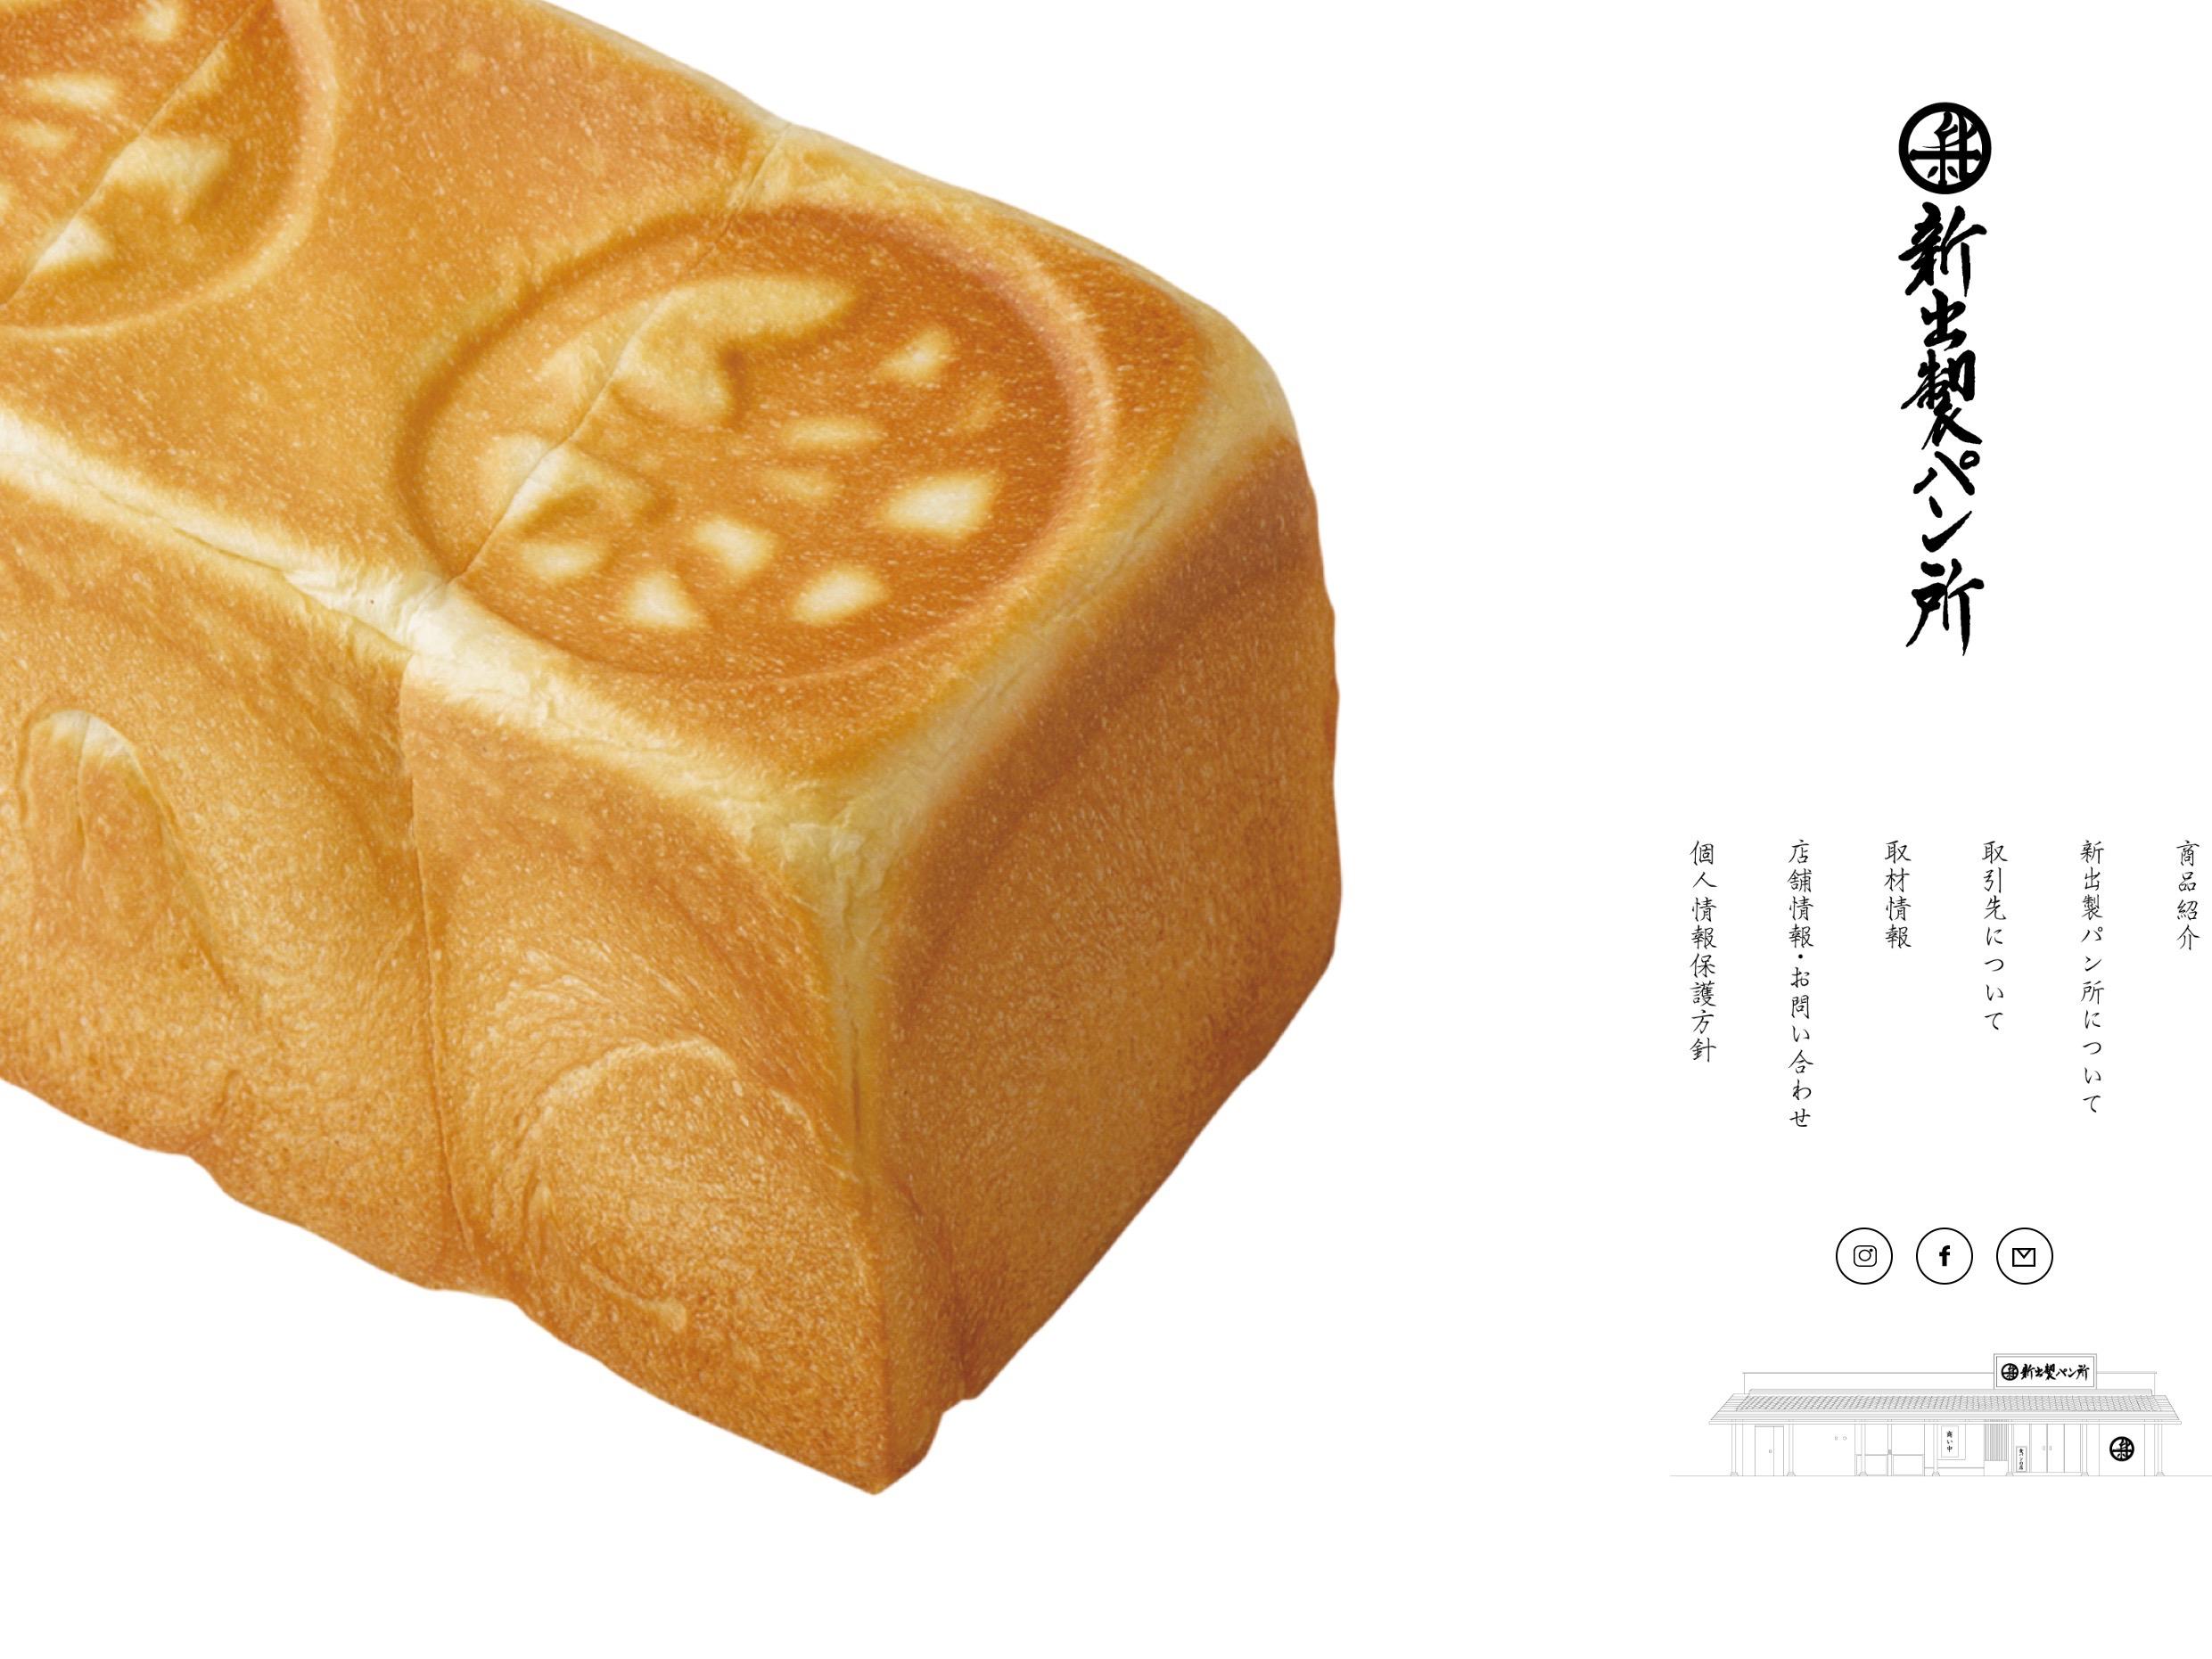 新出製パン所イメージ